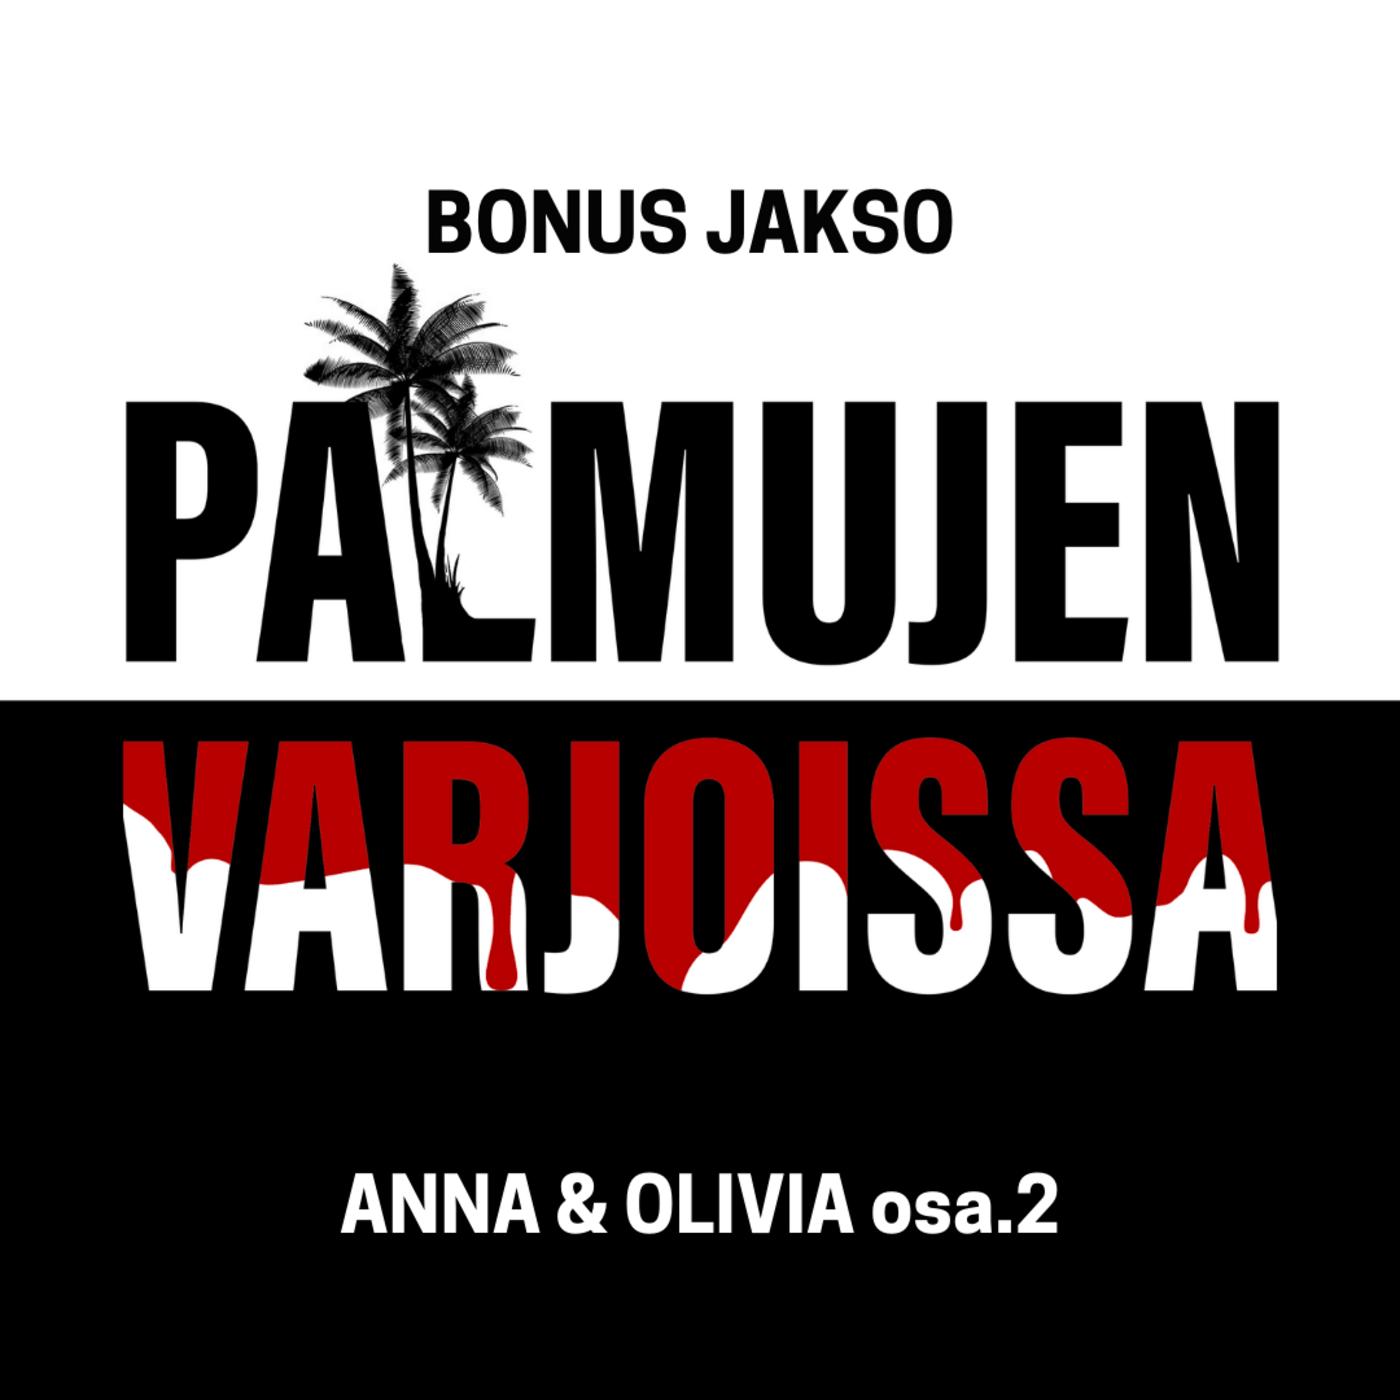 BONUS: Anna & Olivia osa.2